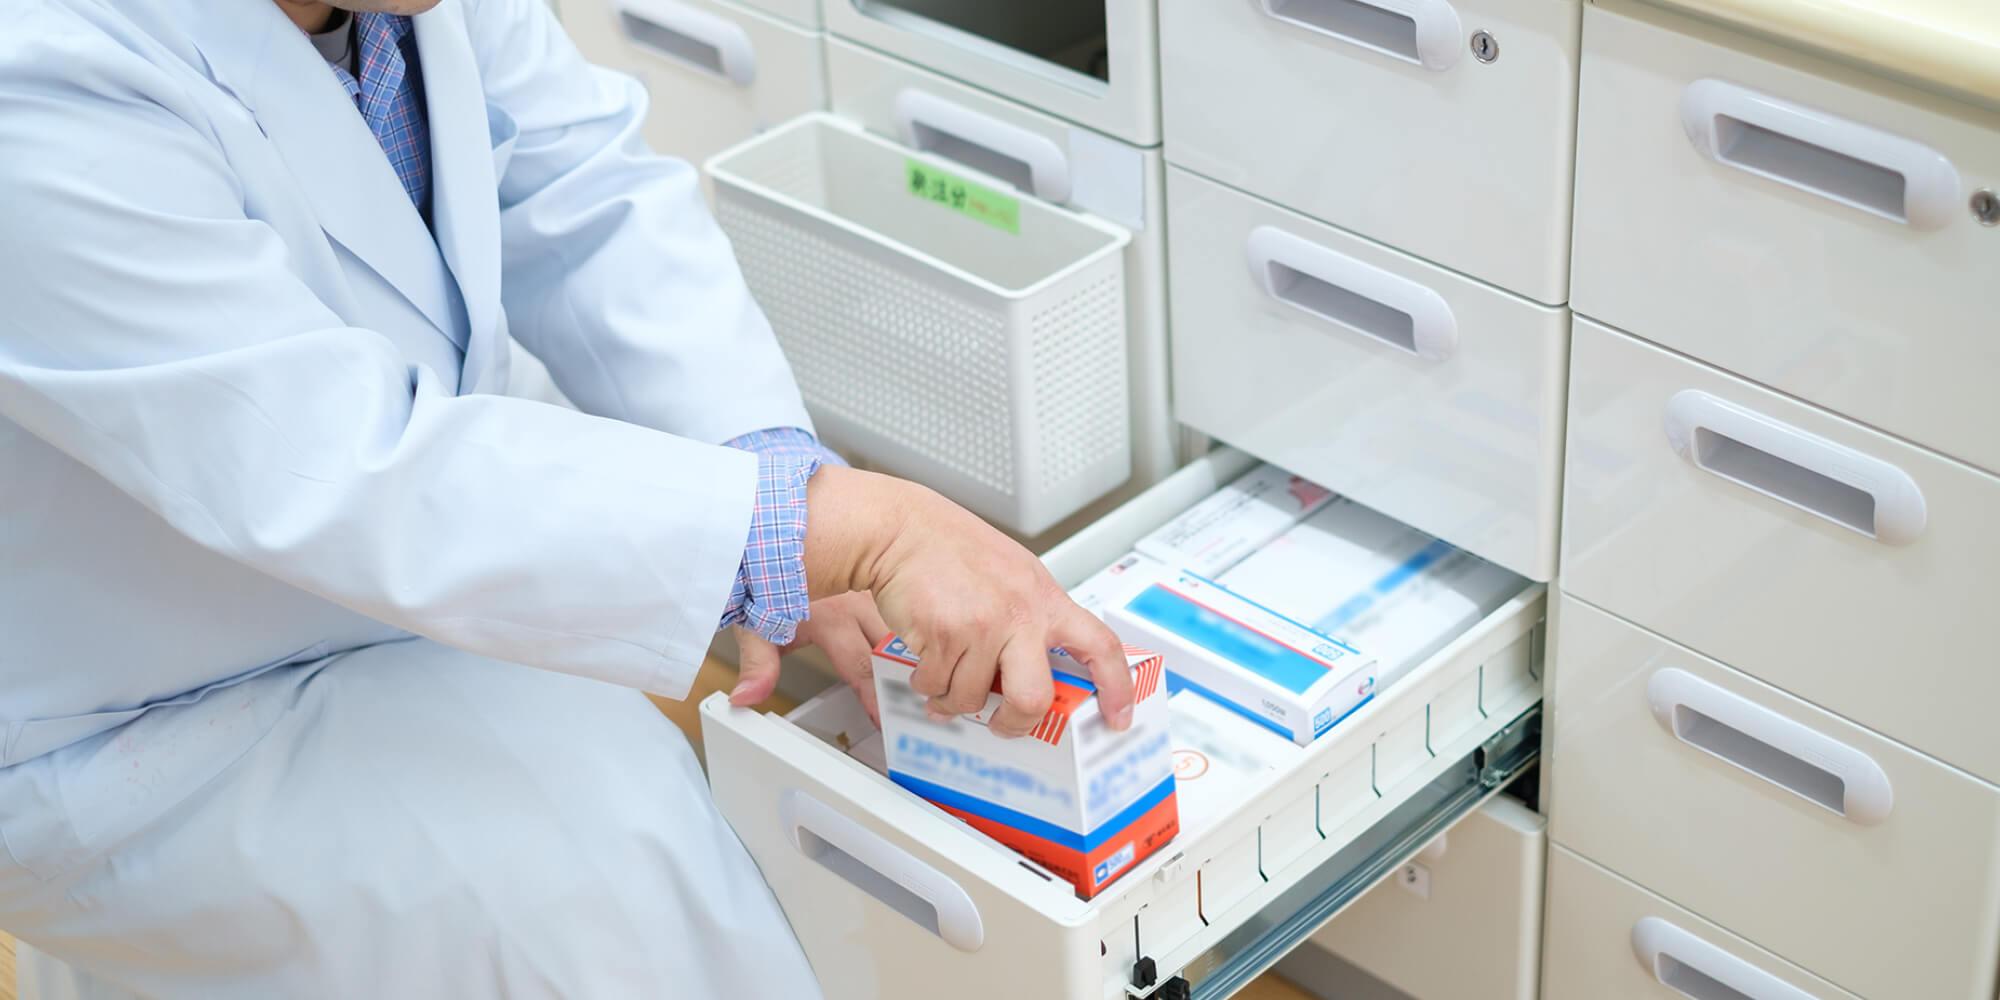 安全で有効なジェネリック医薬品をお届けしています